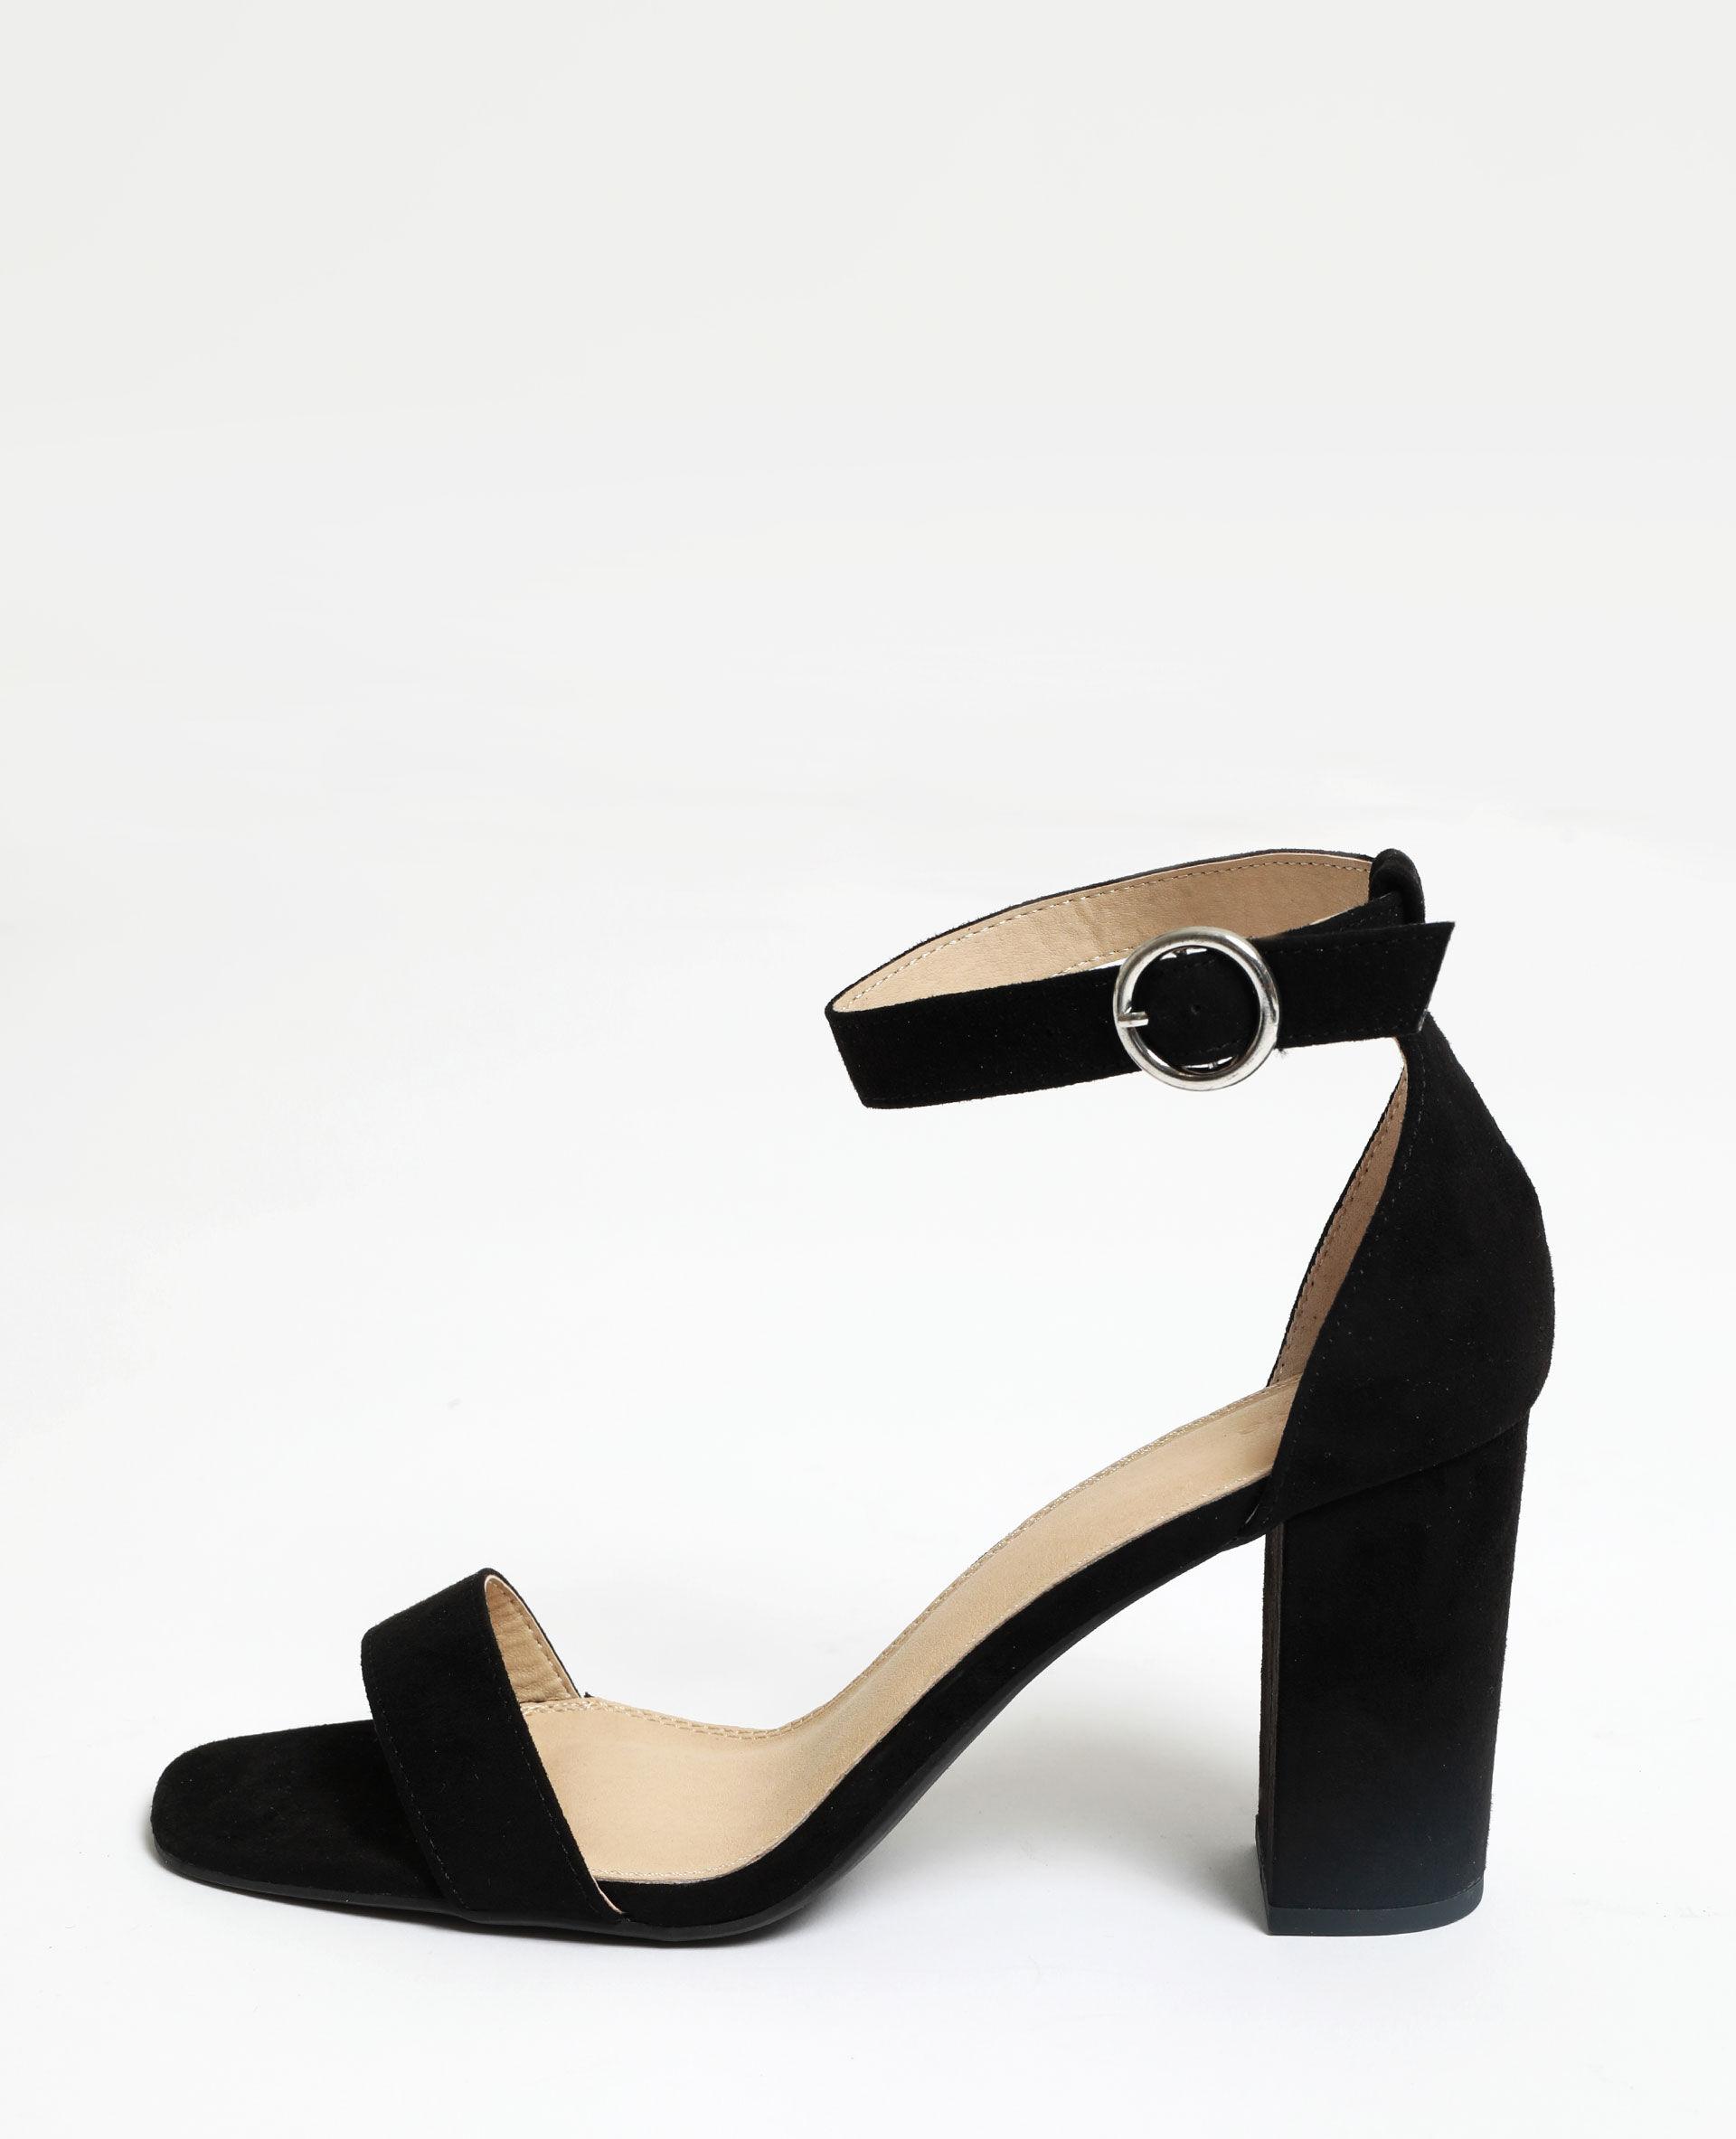 Sandales à talons microfibre Femme - Couleur noir - PIMKIE - MODE FEMME